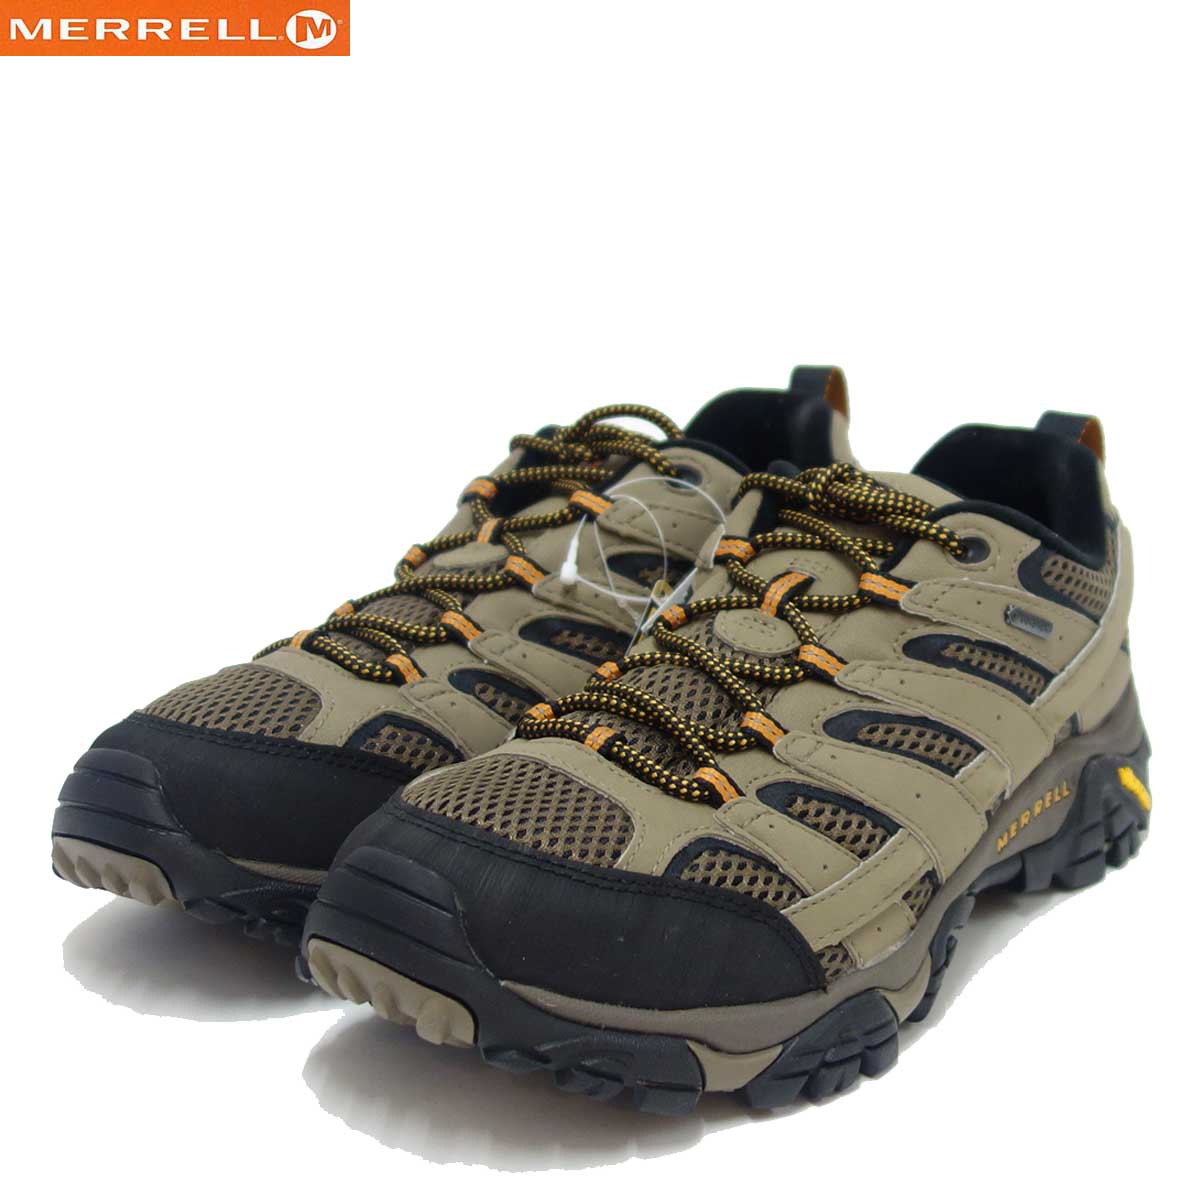 MERRELL メレル (メンズ)06035(Walnut)モアブ 2 ゴアテックスゴアテックス内蔵・通気性メッシュ軽量アウトドアシューズビブラムソールで快適ウォーク「靴」